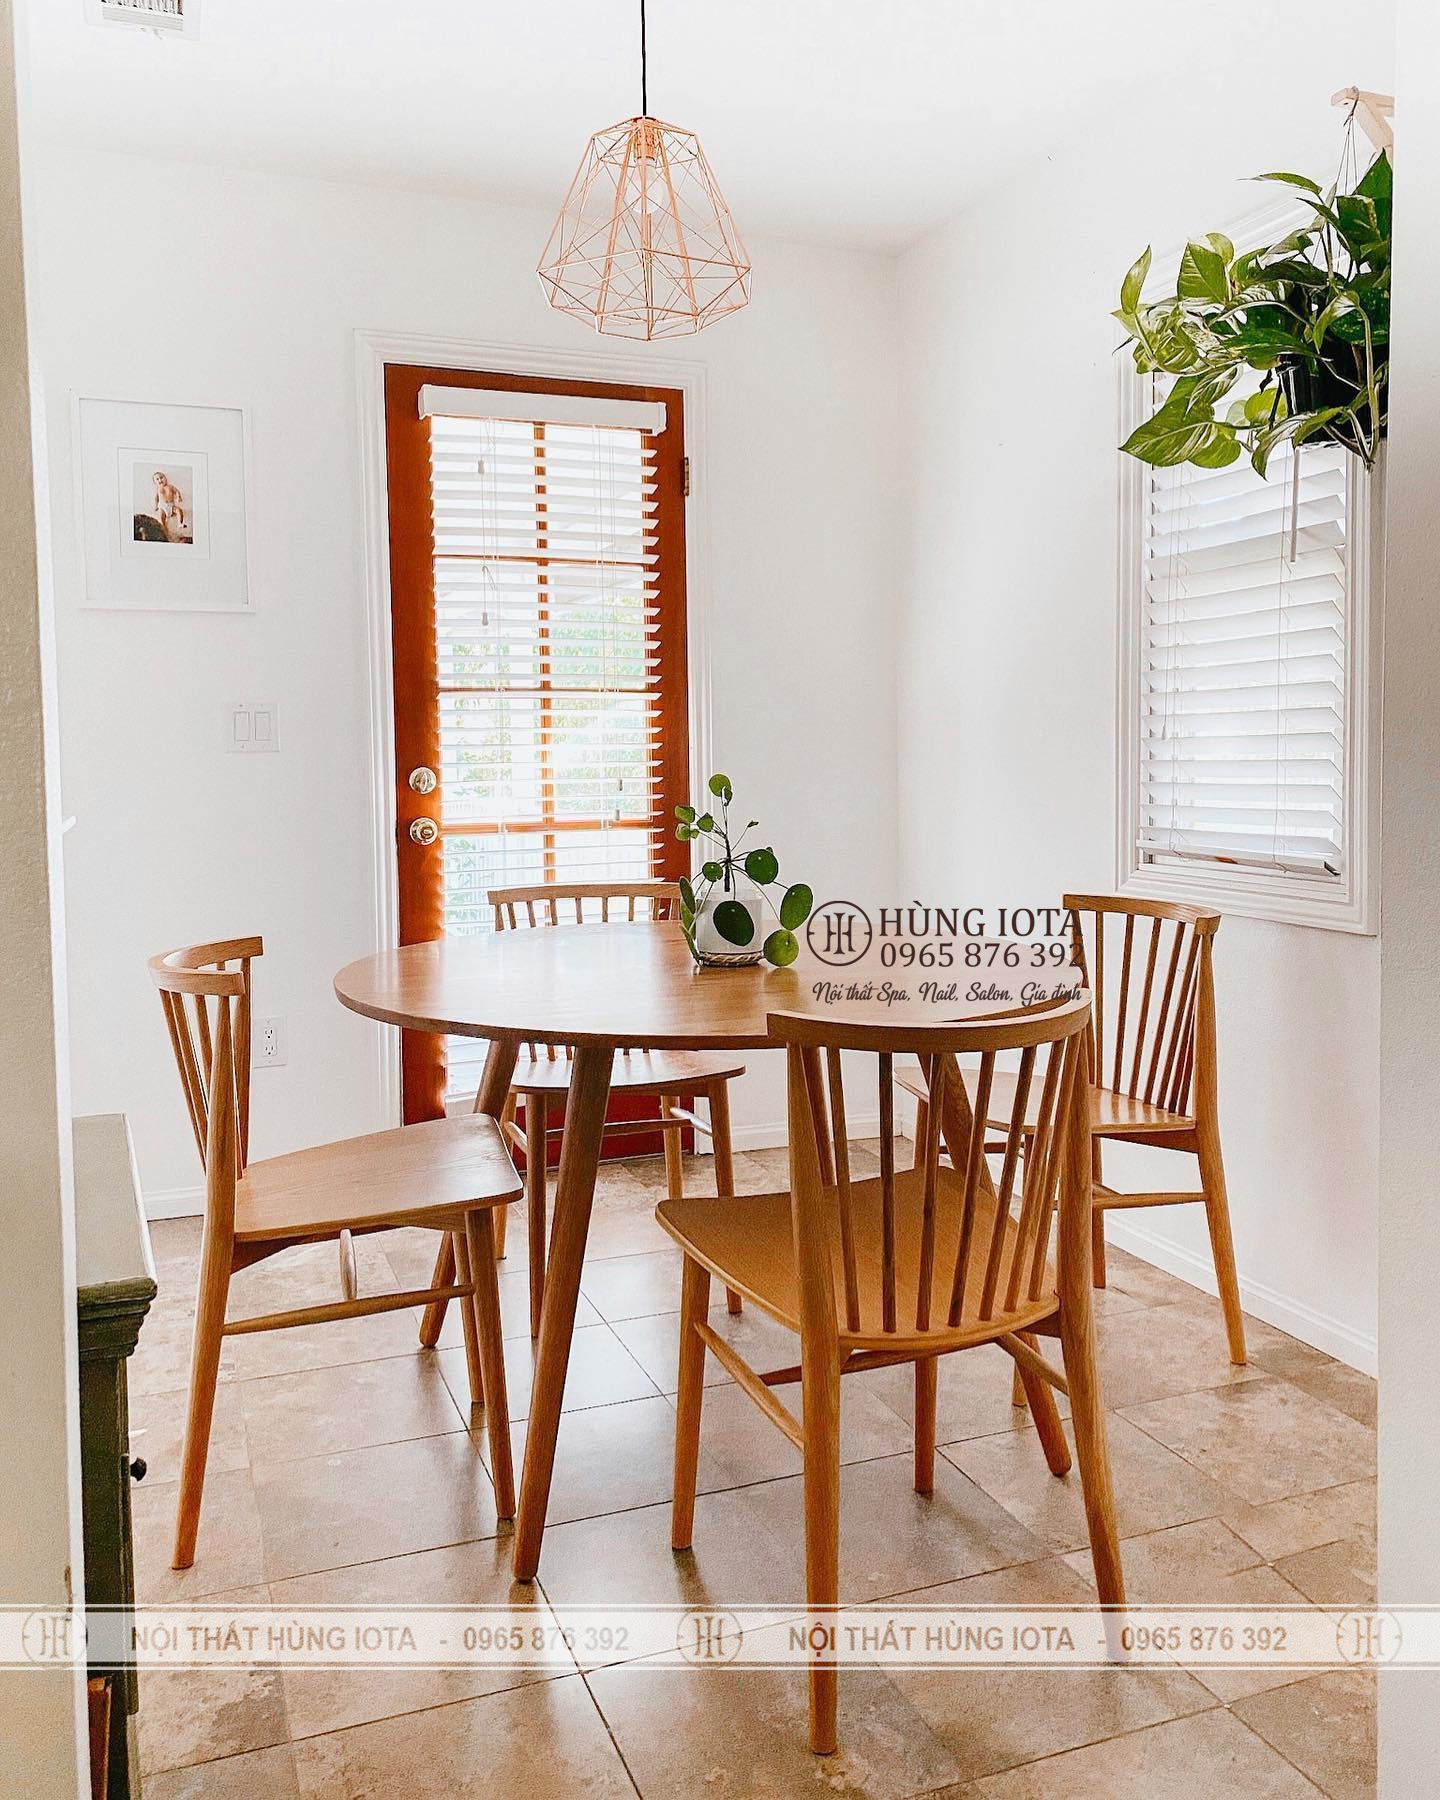 Bàn ghế ăn chung cư 9 nan decor đẹp giá rẻ màu vàng gỗ tự nhiên